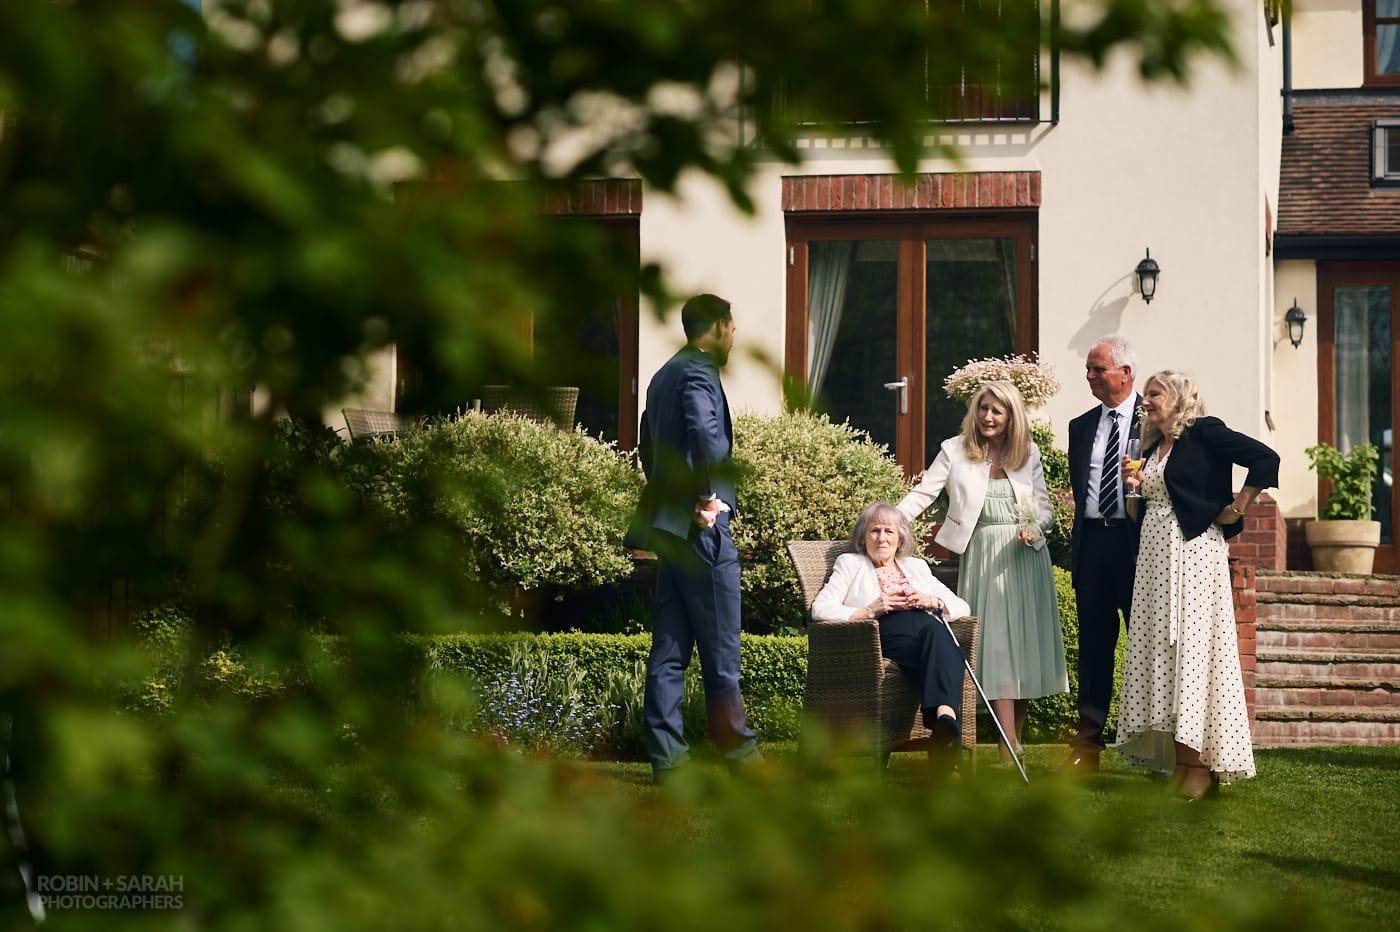 Wedding guests stand around elderly lady at small garden wedding reception